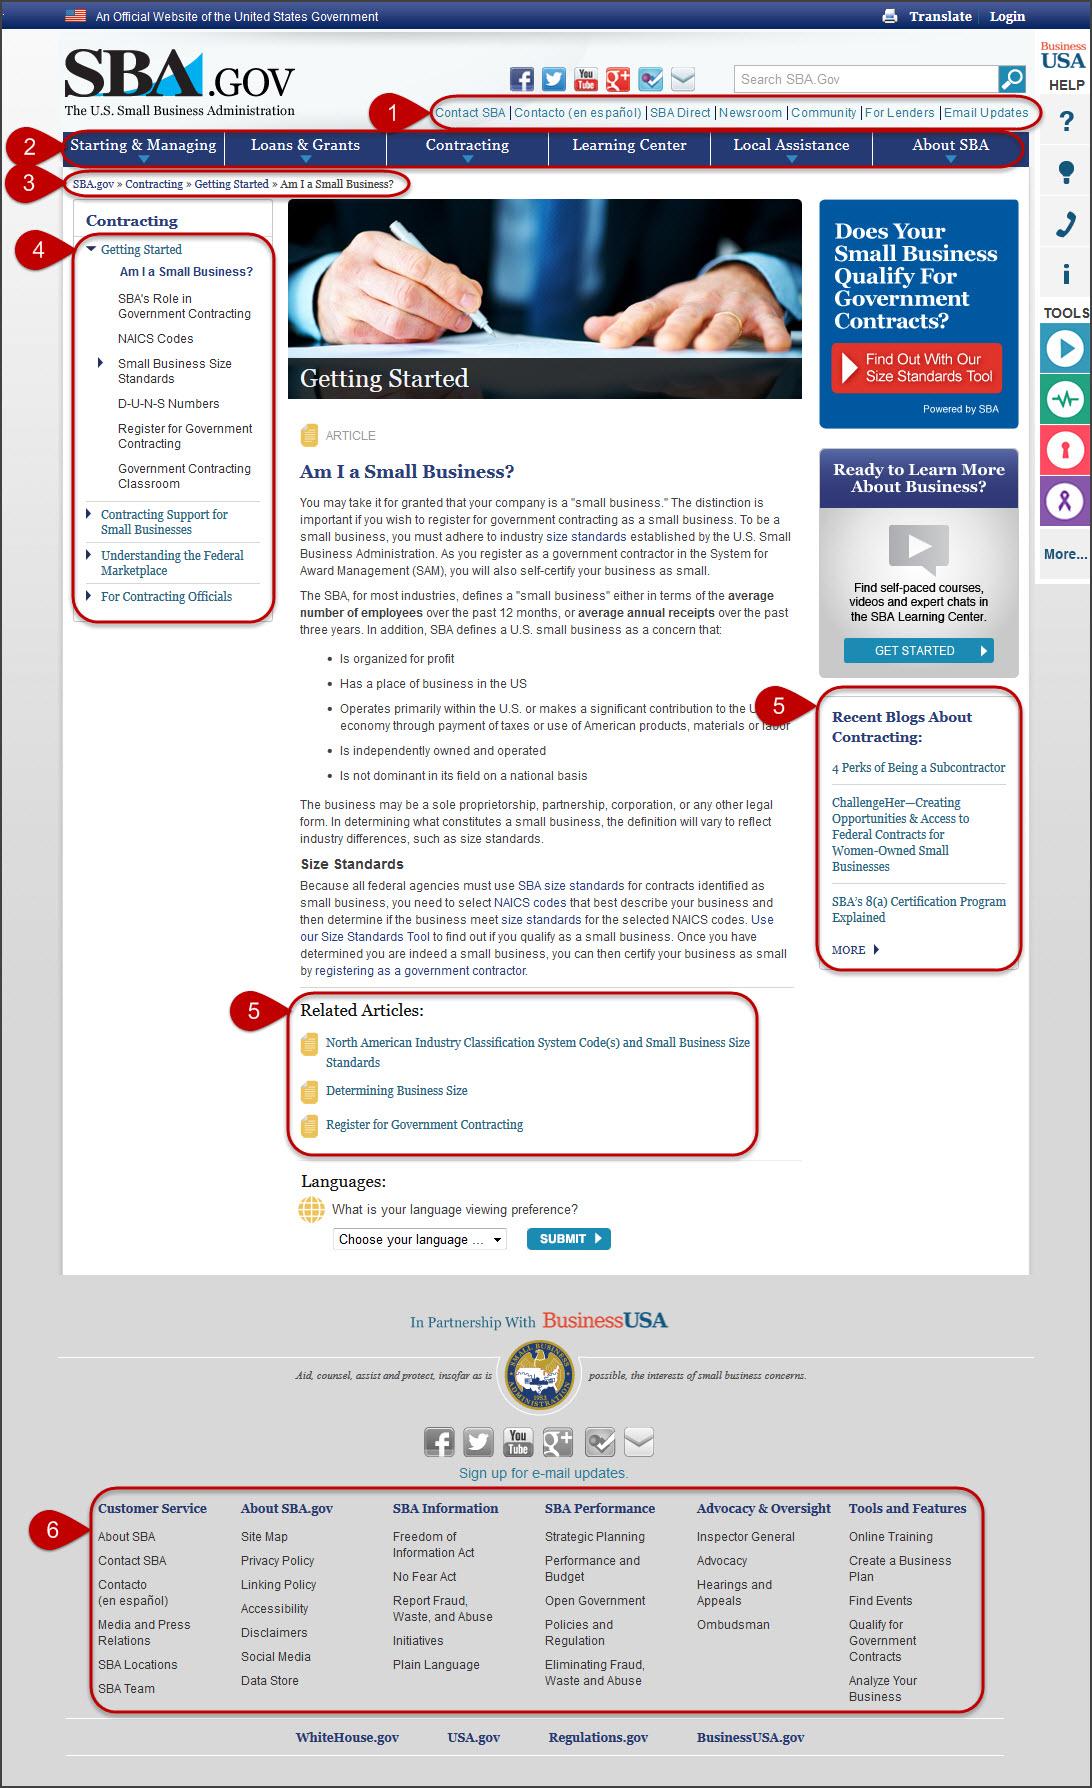 ナビゲーション要素の例: 1)ユーティリティナビゲーション、2)グローバルナビゲーション、3)パンくずリスト、4)ローカルナビゲーション、5)関連リンク(この例では記事やブログ投稿)、6)ファットフッター。(http://www.sba.gov/)